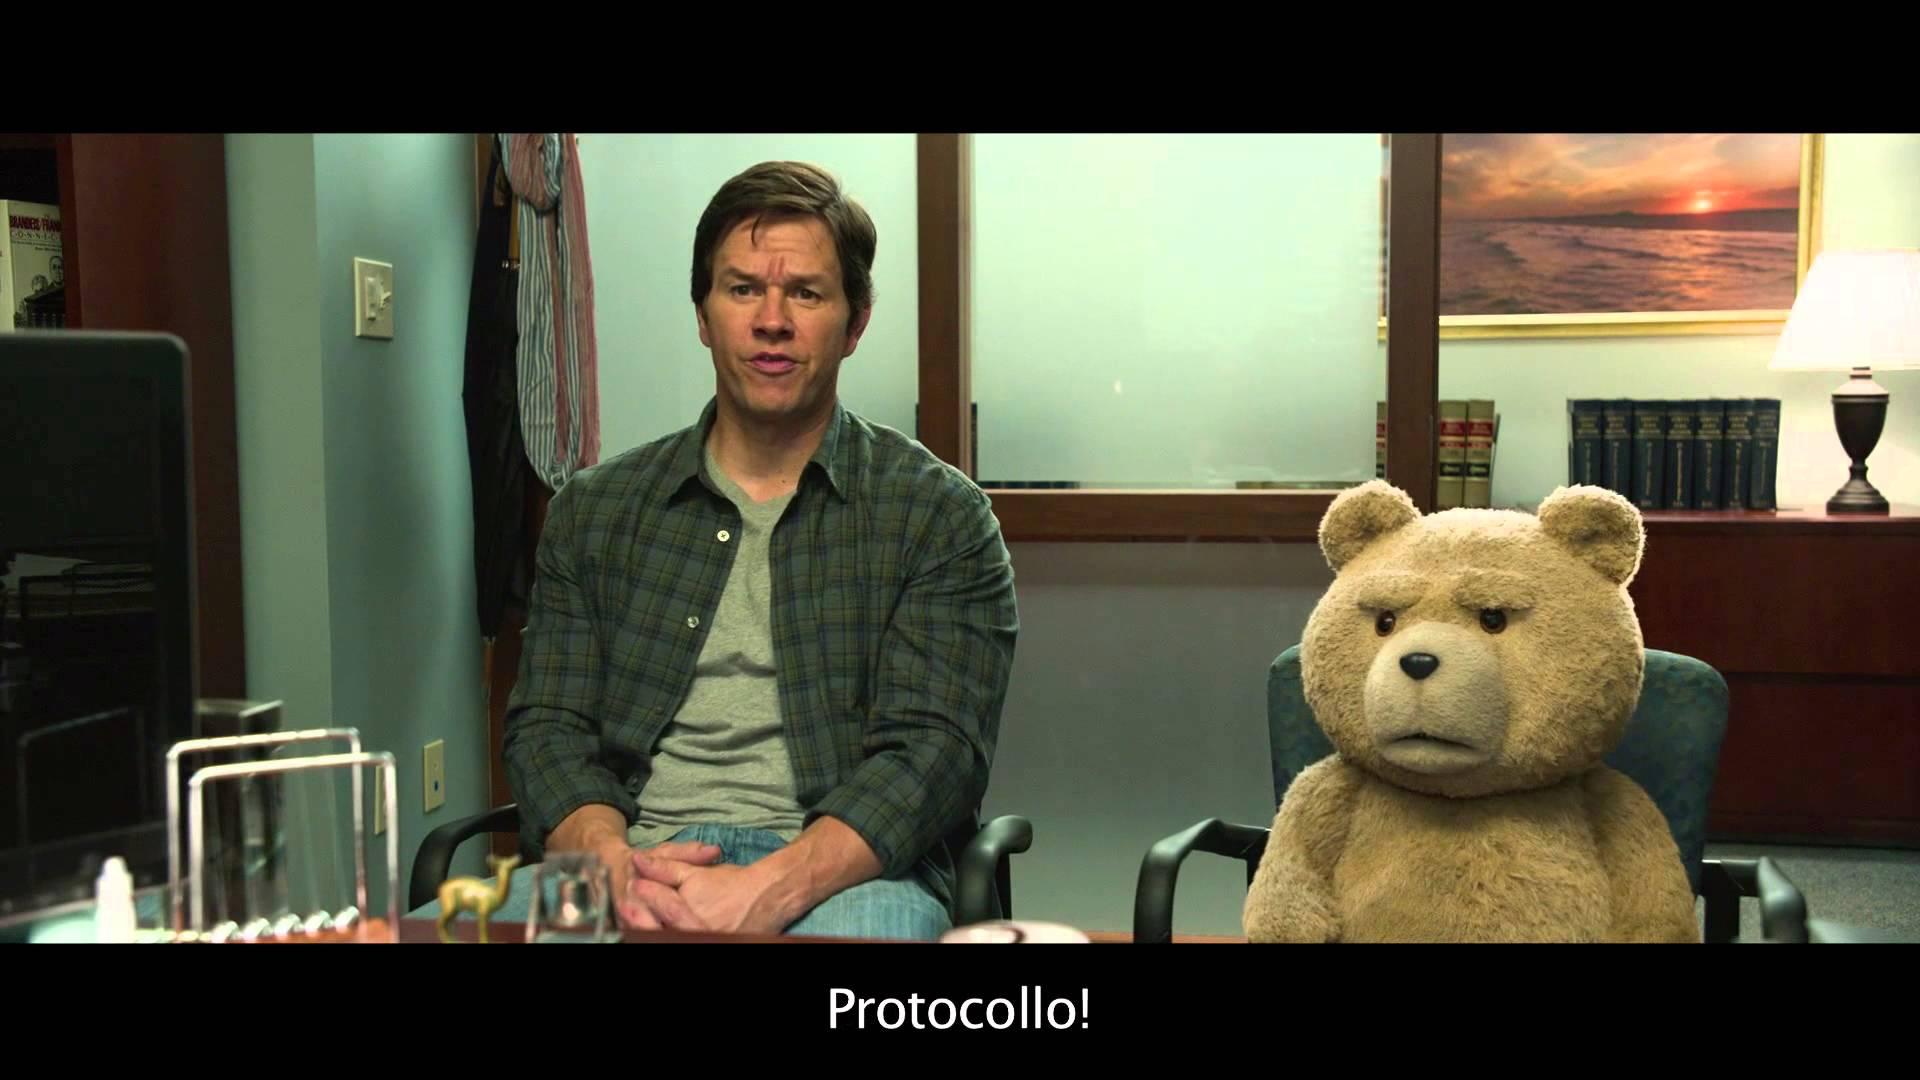 scaricare sottotitoli di un film